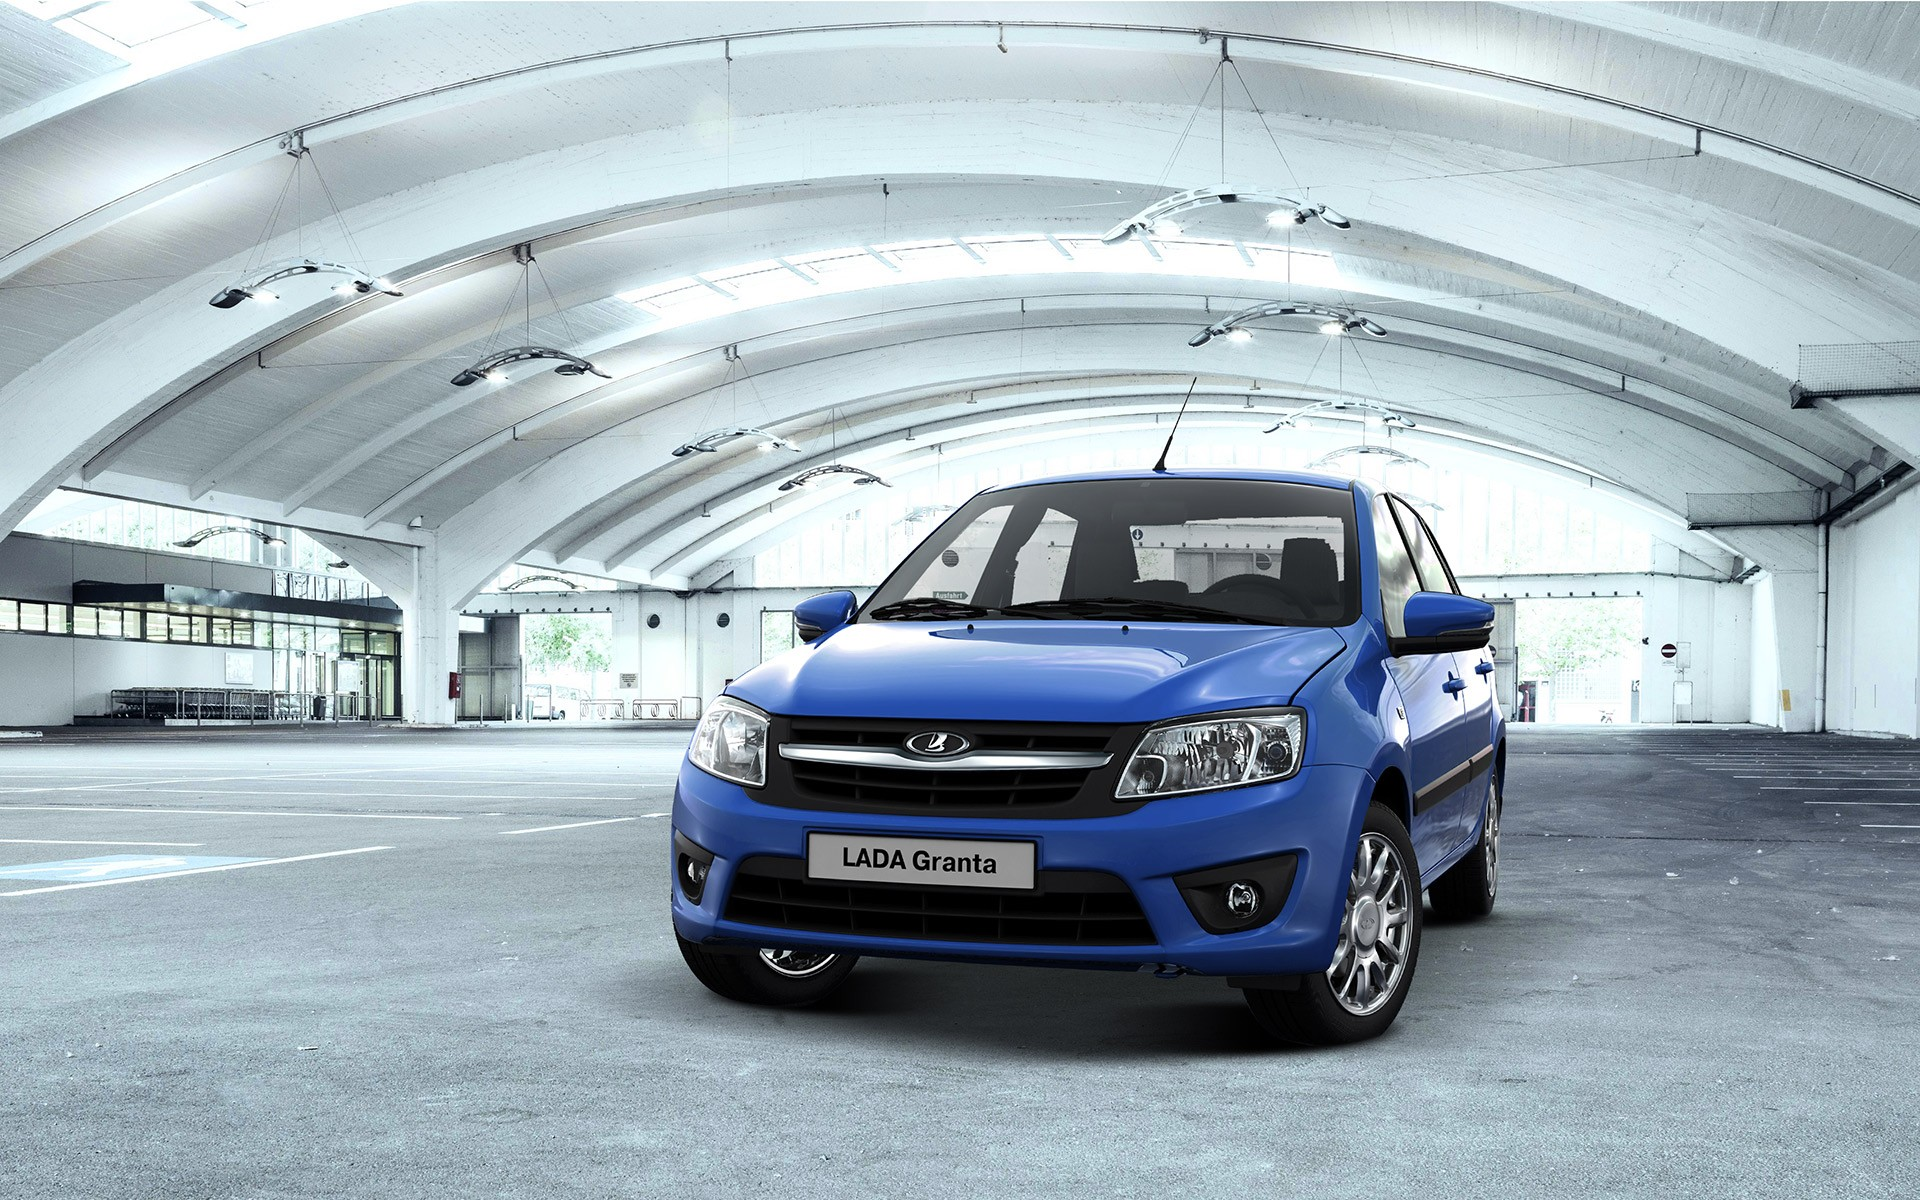 Лада занимает 40% продаж авто В-класса в Российской Федерации